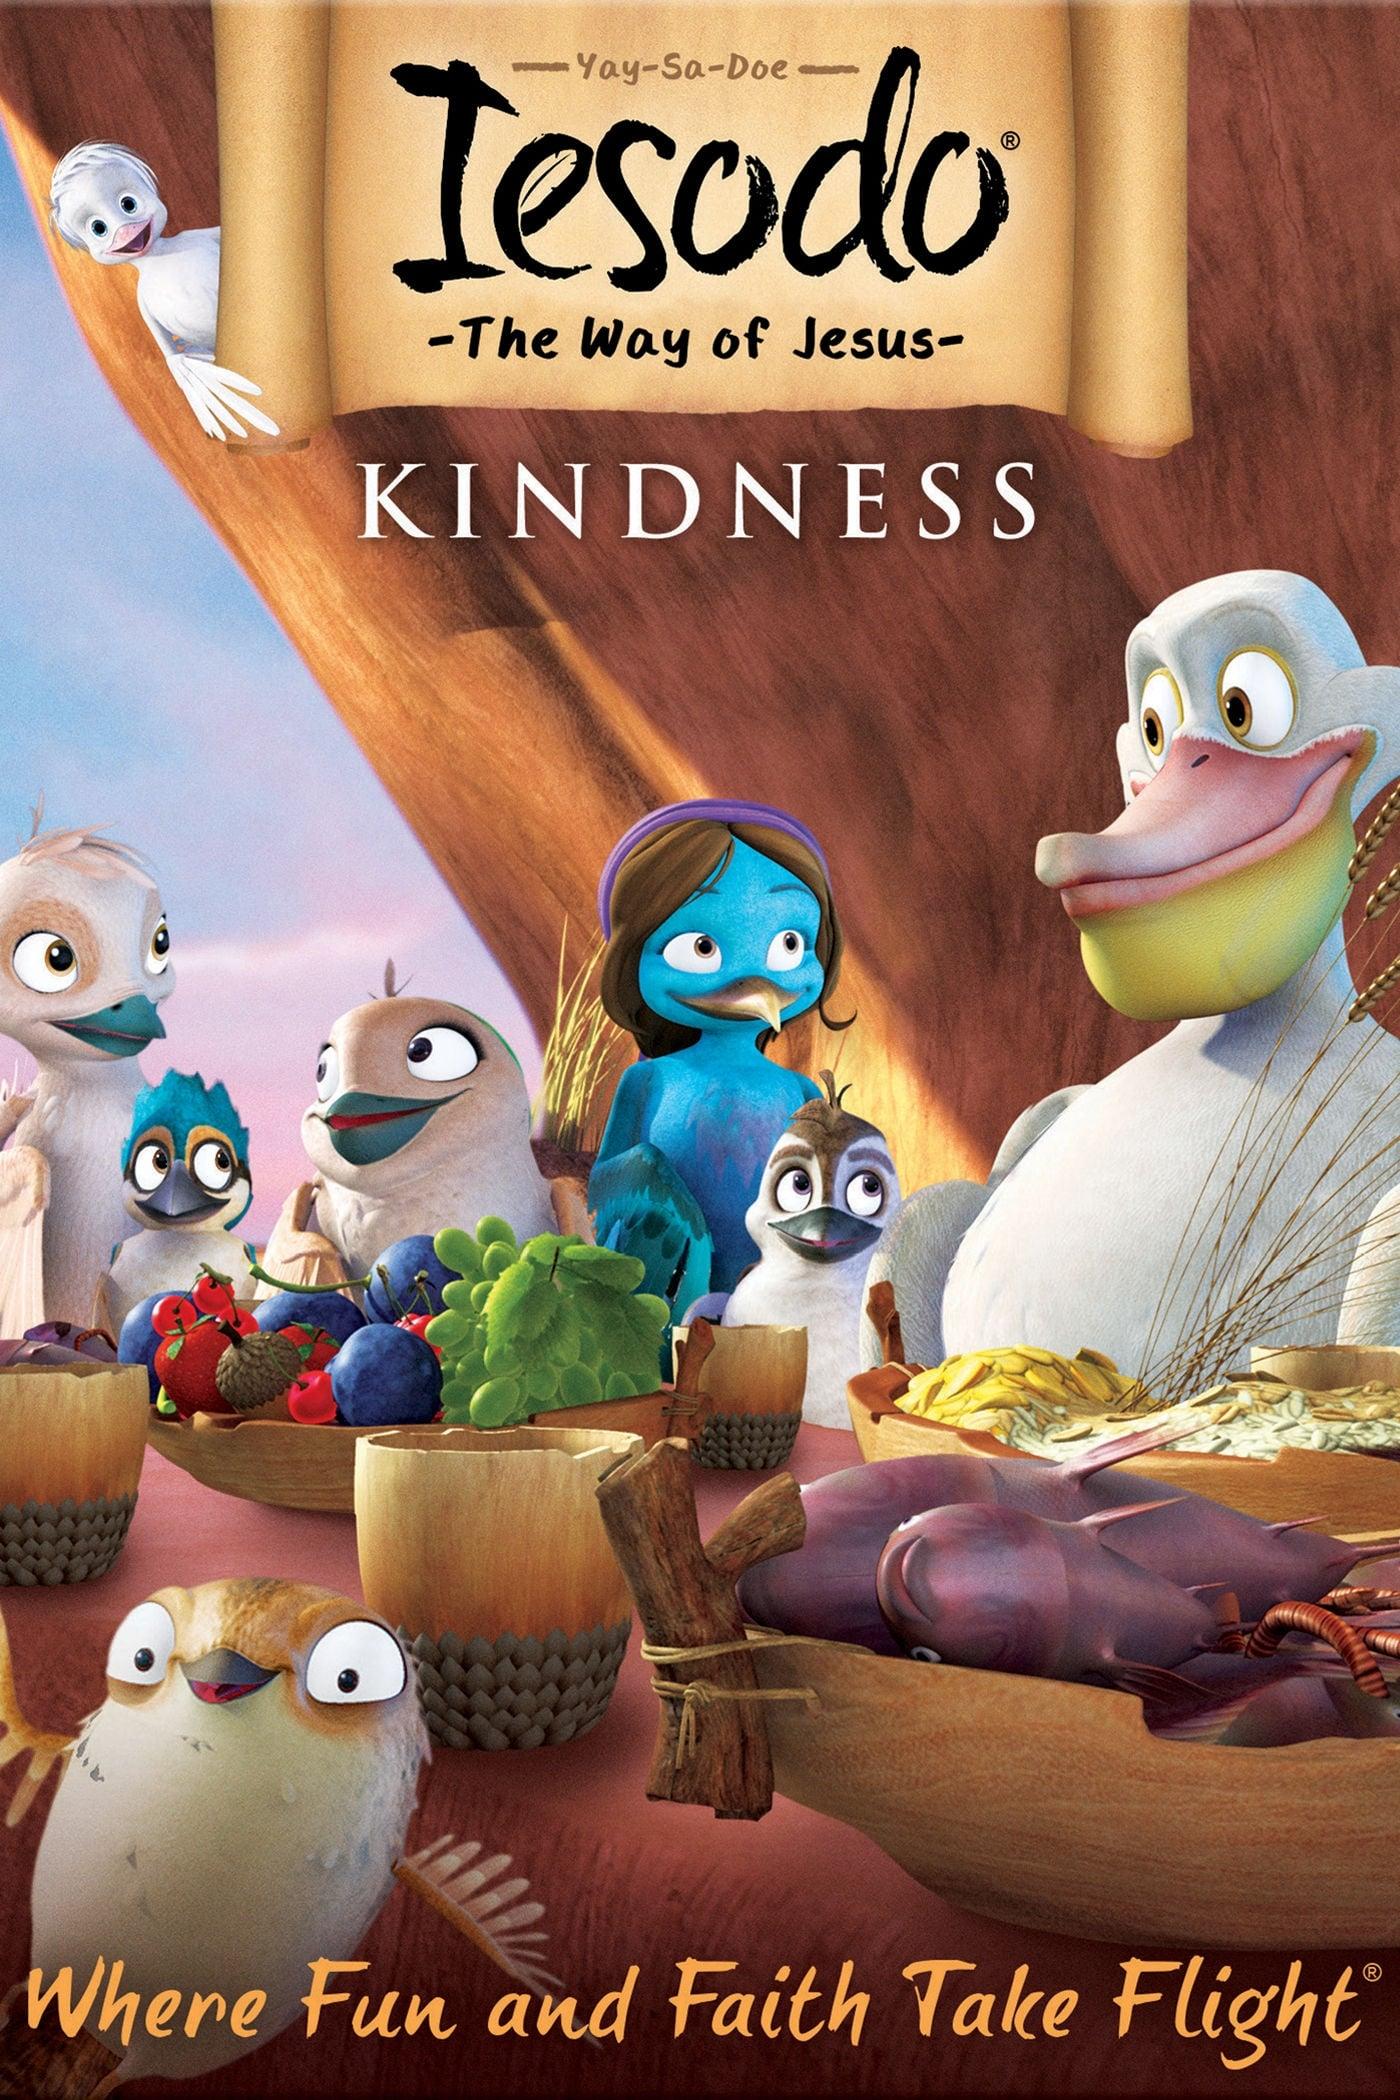 Iesodo: Kindness